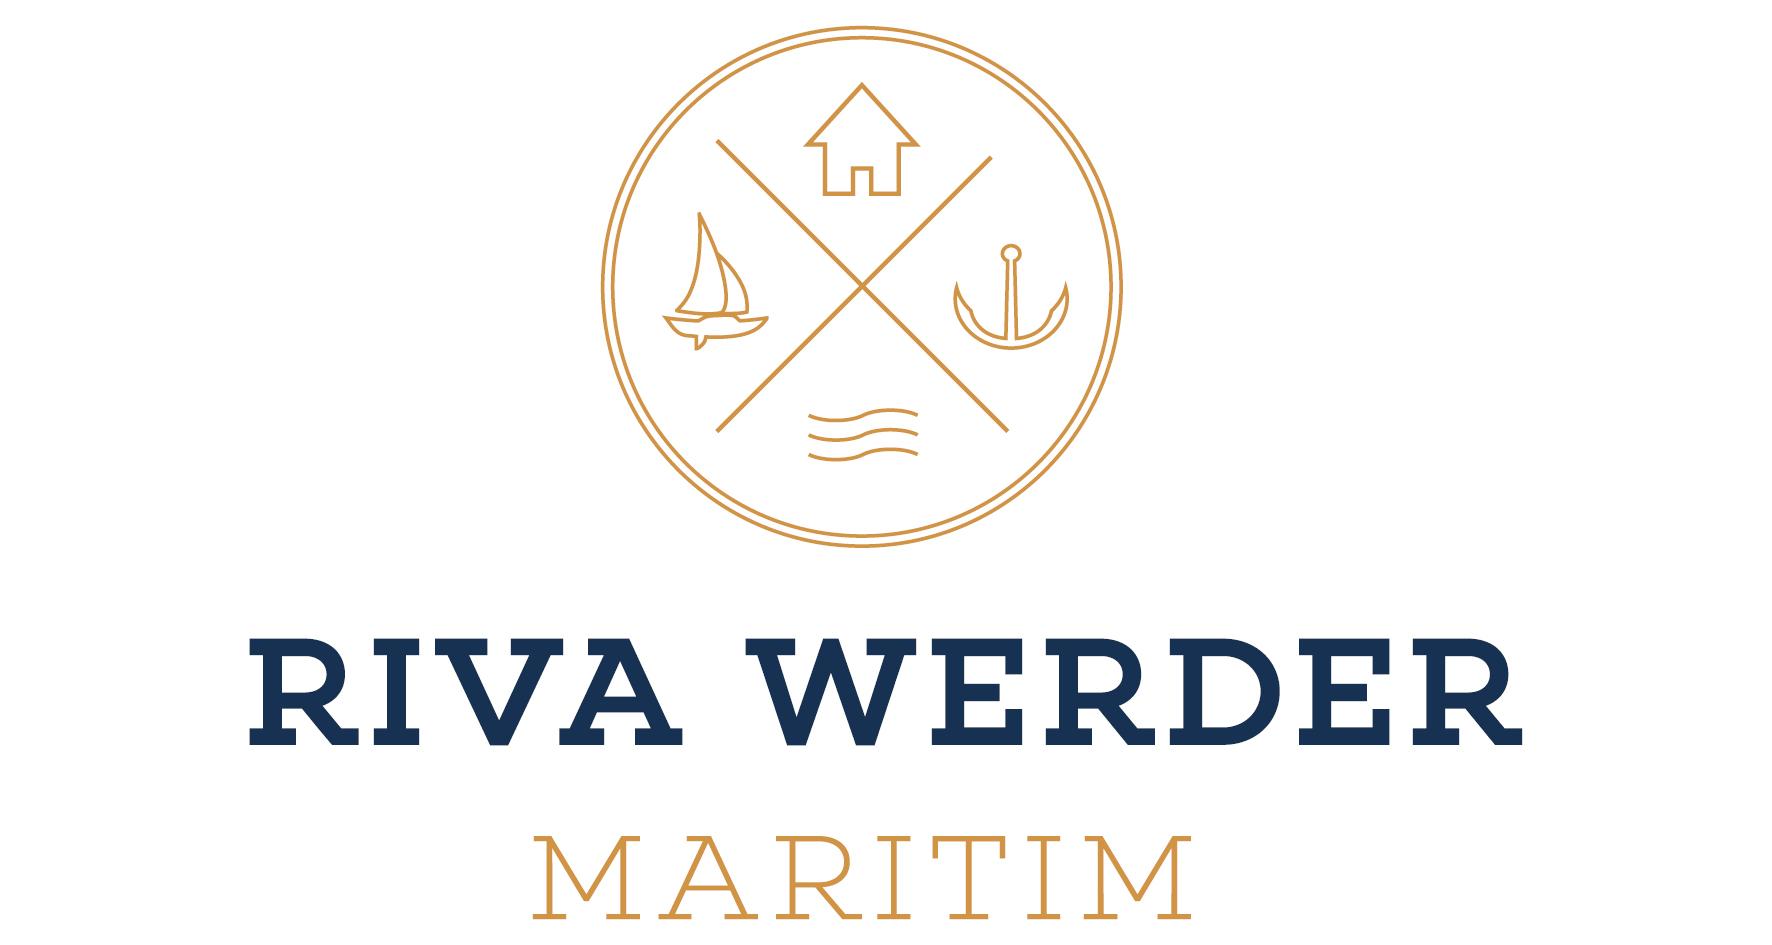 Riva Werder Maritim